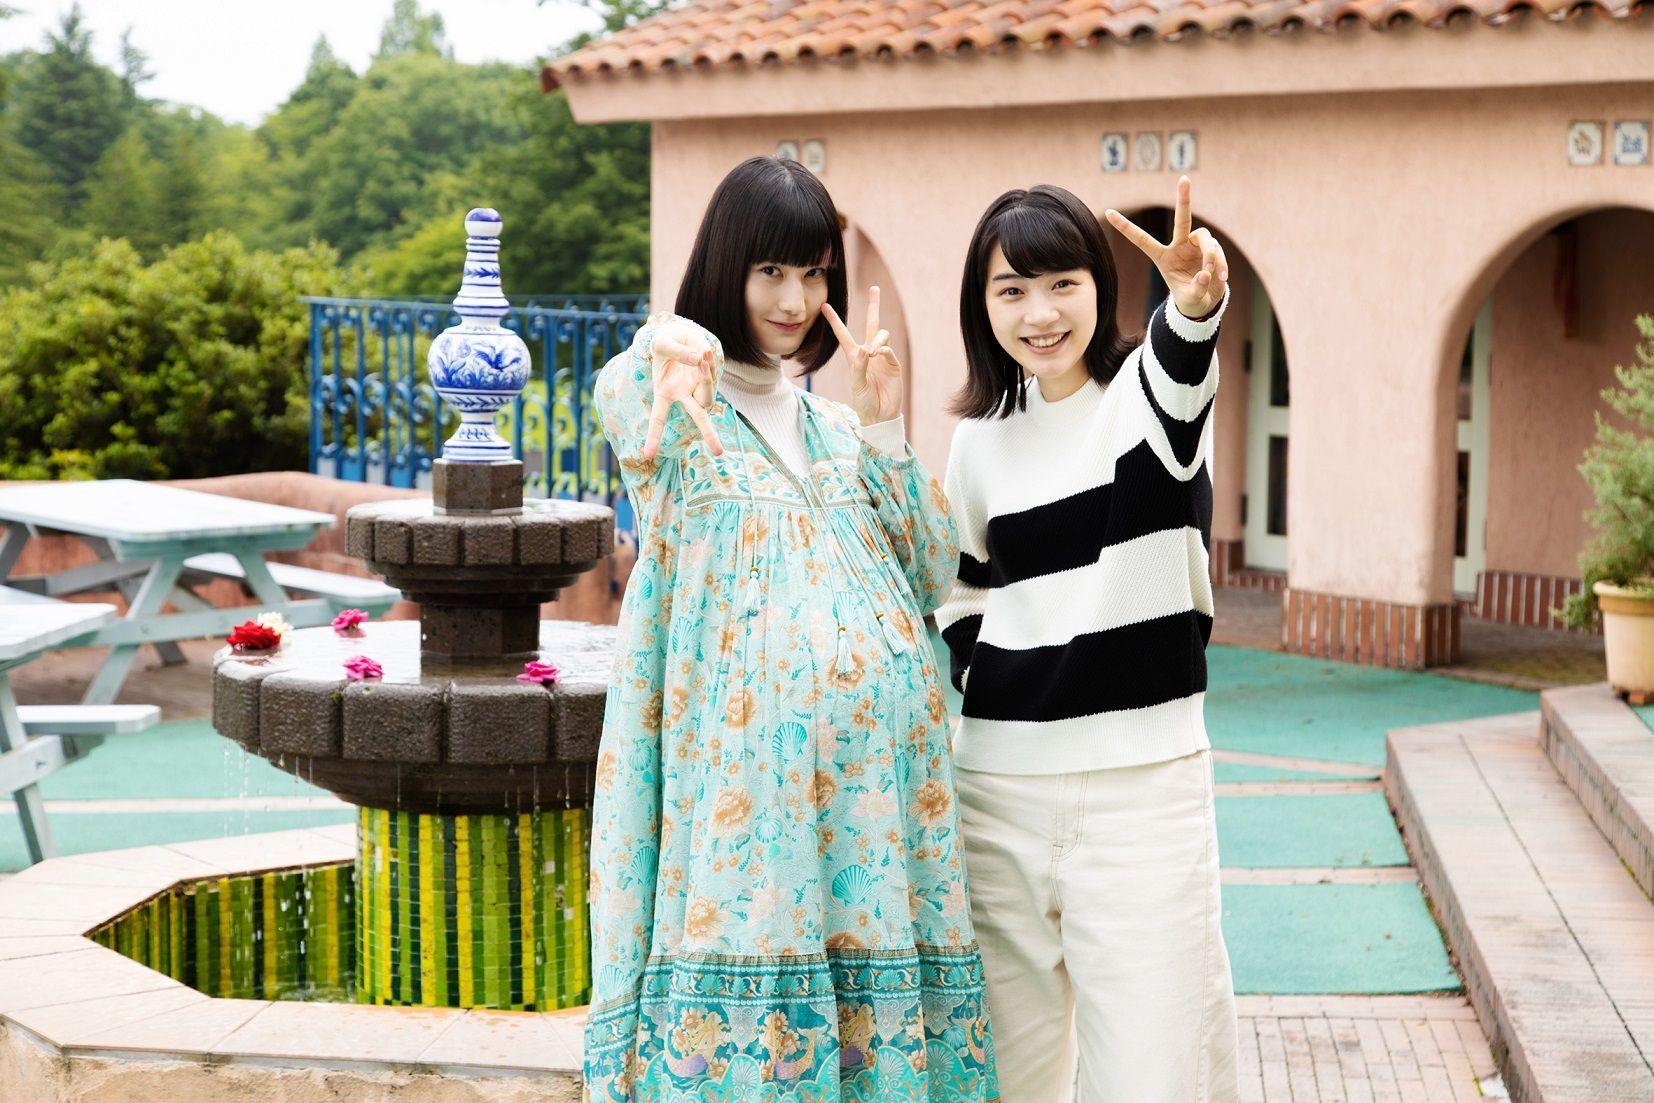 左から、橋本愛、のん 映画『私をくいとめて』メイキング写真 (C)2020「私をくいとめて」製作委員会